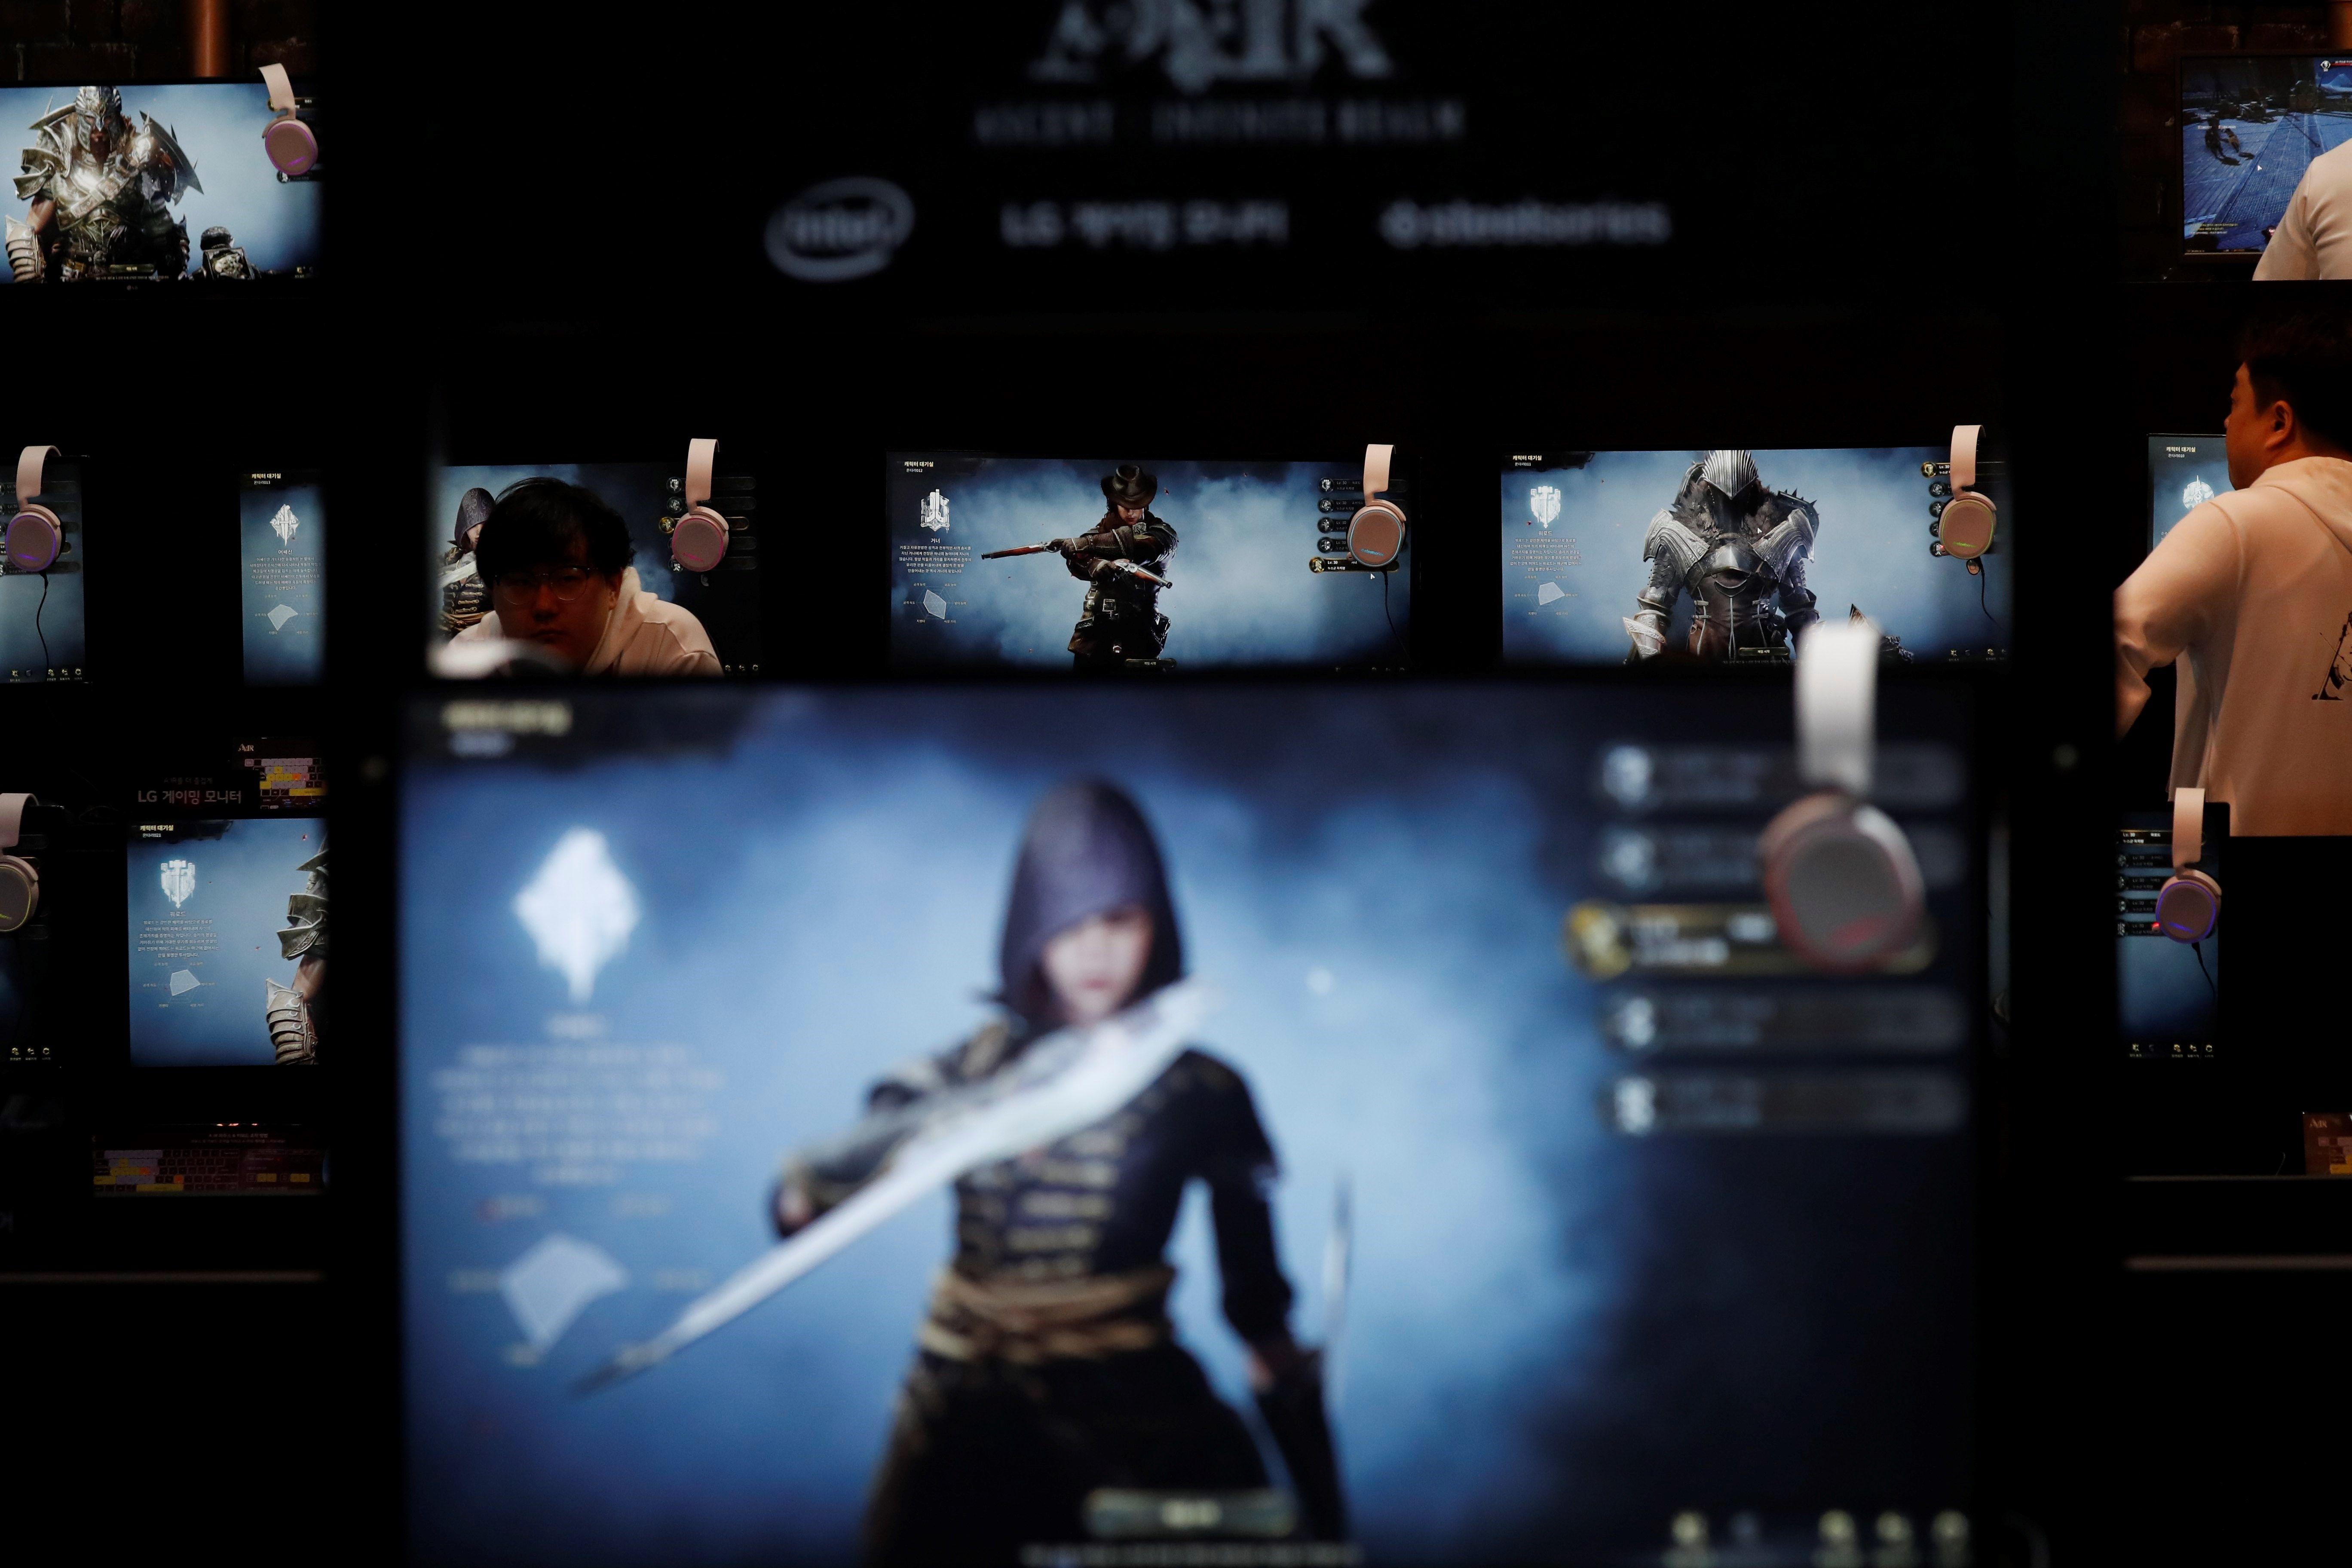 Assistents juguen al videojoc AIR (Ascent: Infinite Realm) durant la fira G-Star 2017 al centre d'exposicions BEXCO de Busán (Corea del Sud). /JEON HEON-KYUN